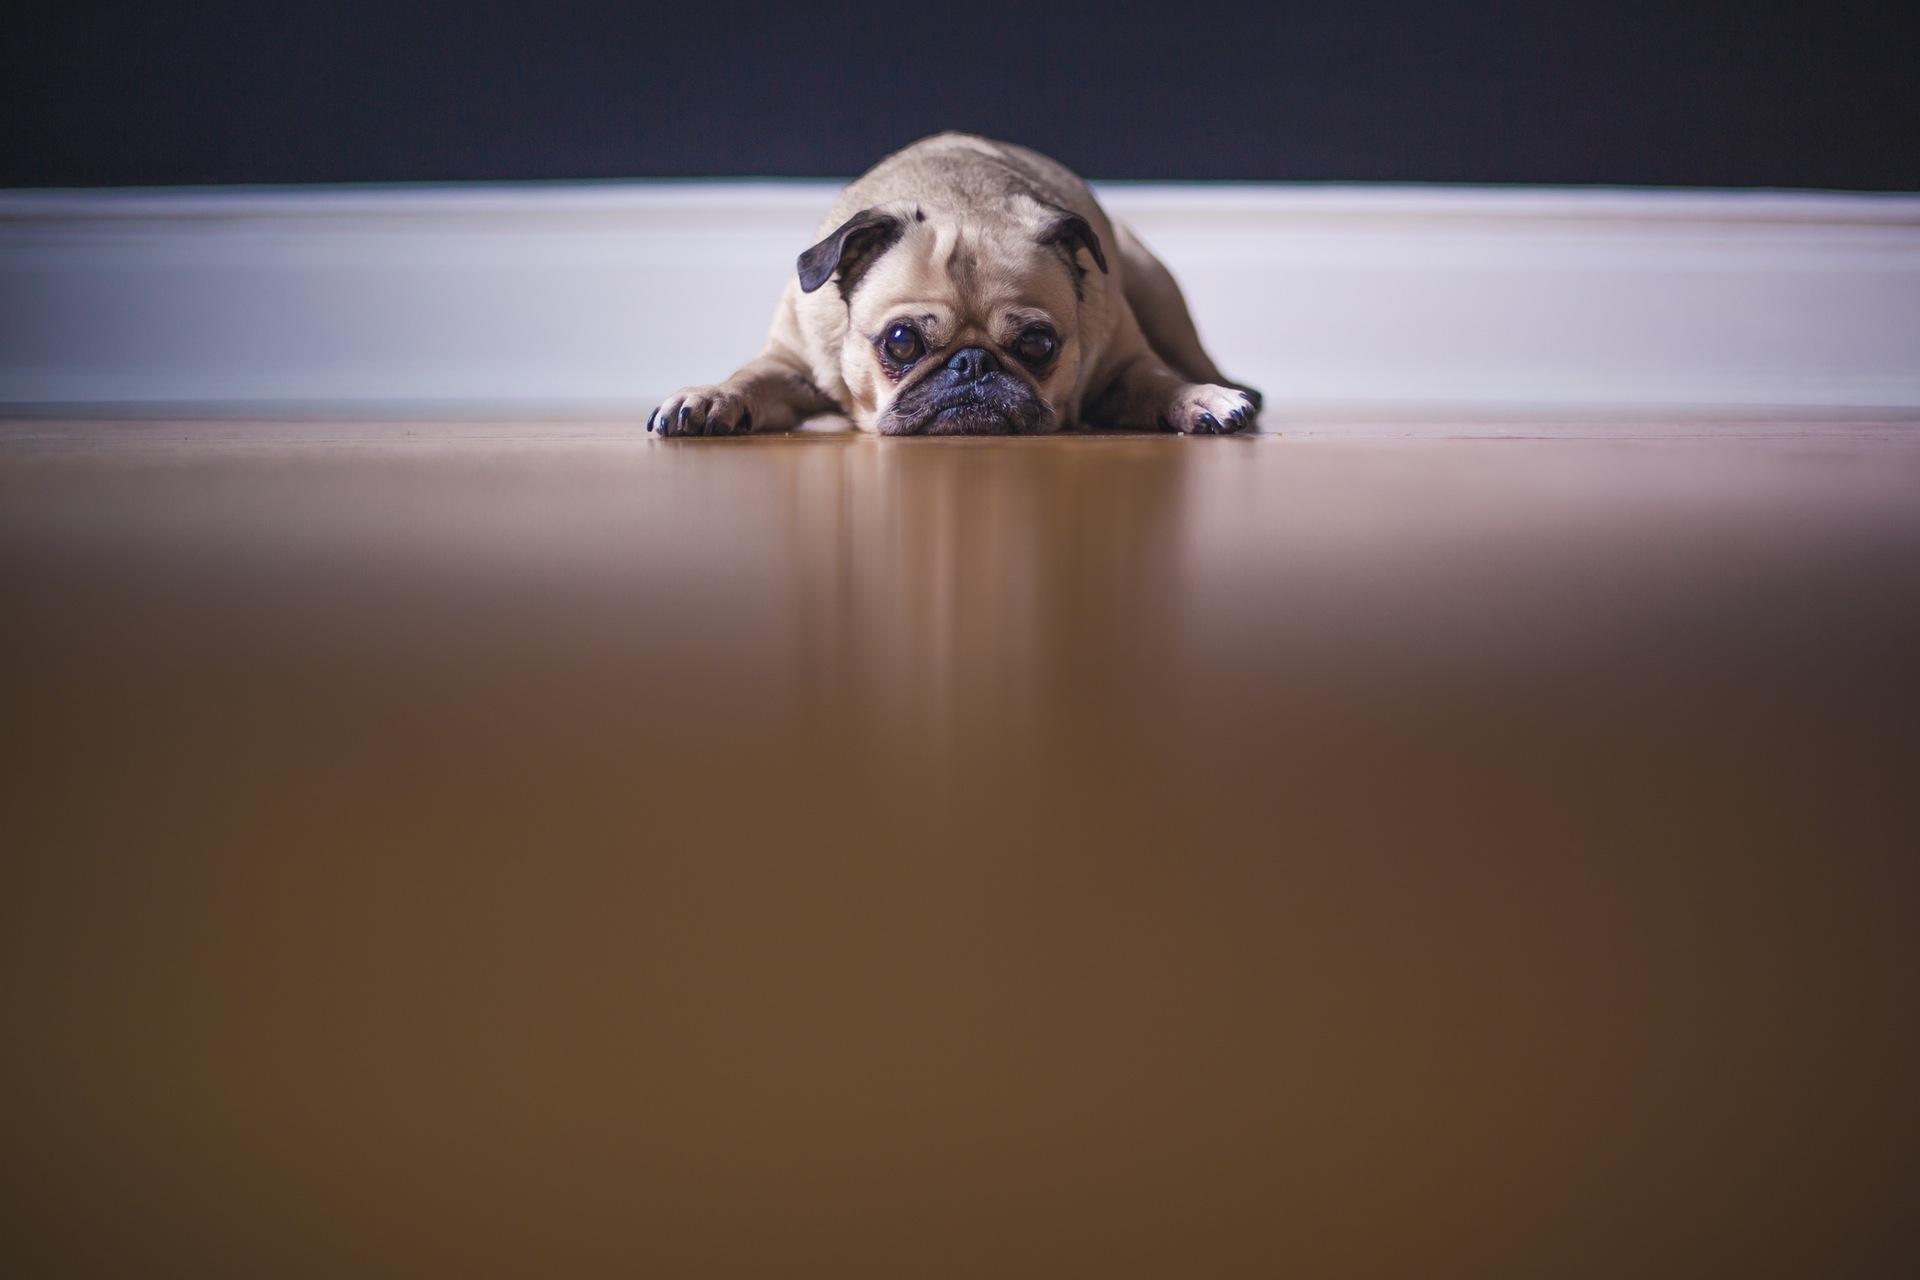 perro, mirada, cansado, ternura, amigo, mascota - Fondos de Pantalla HD - professor-falken.com